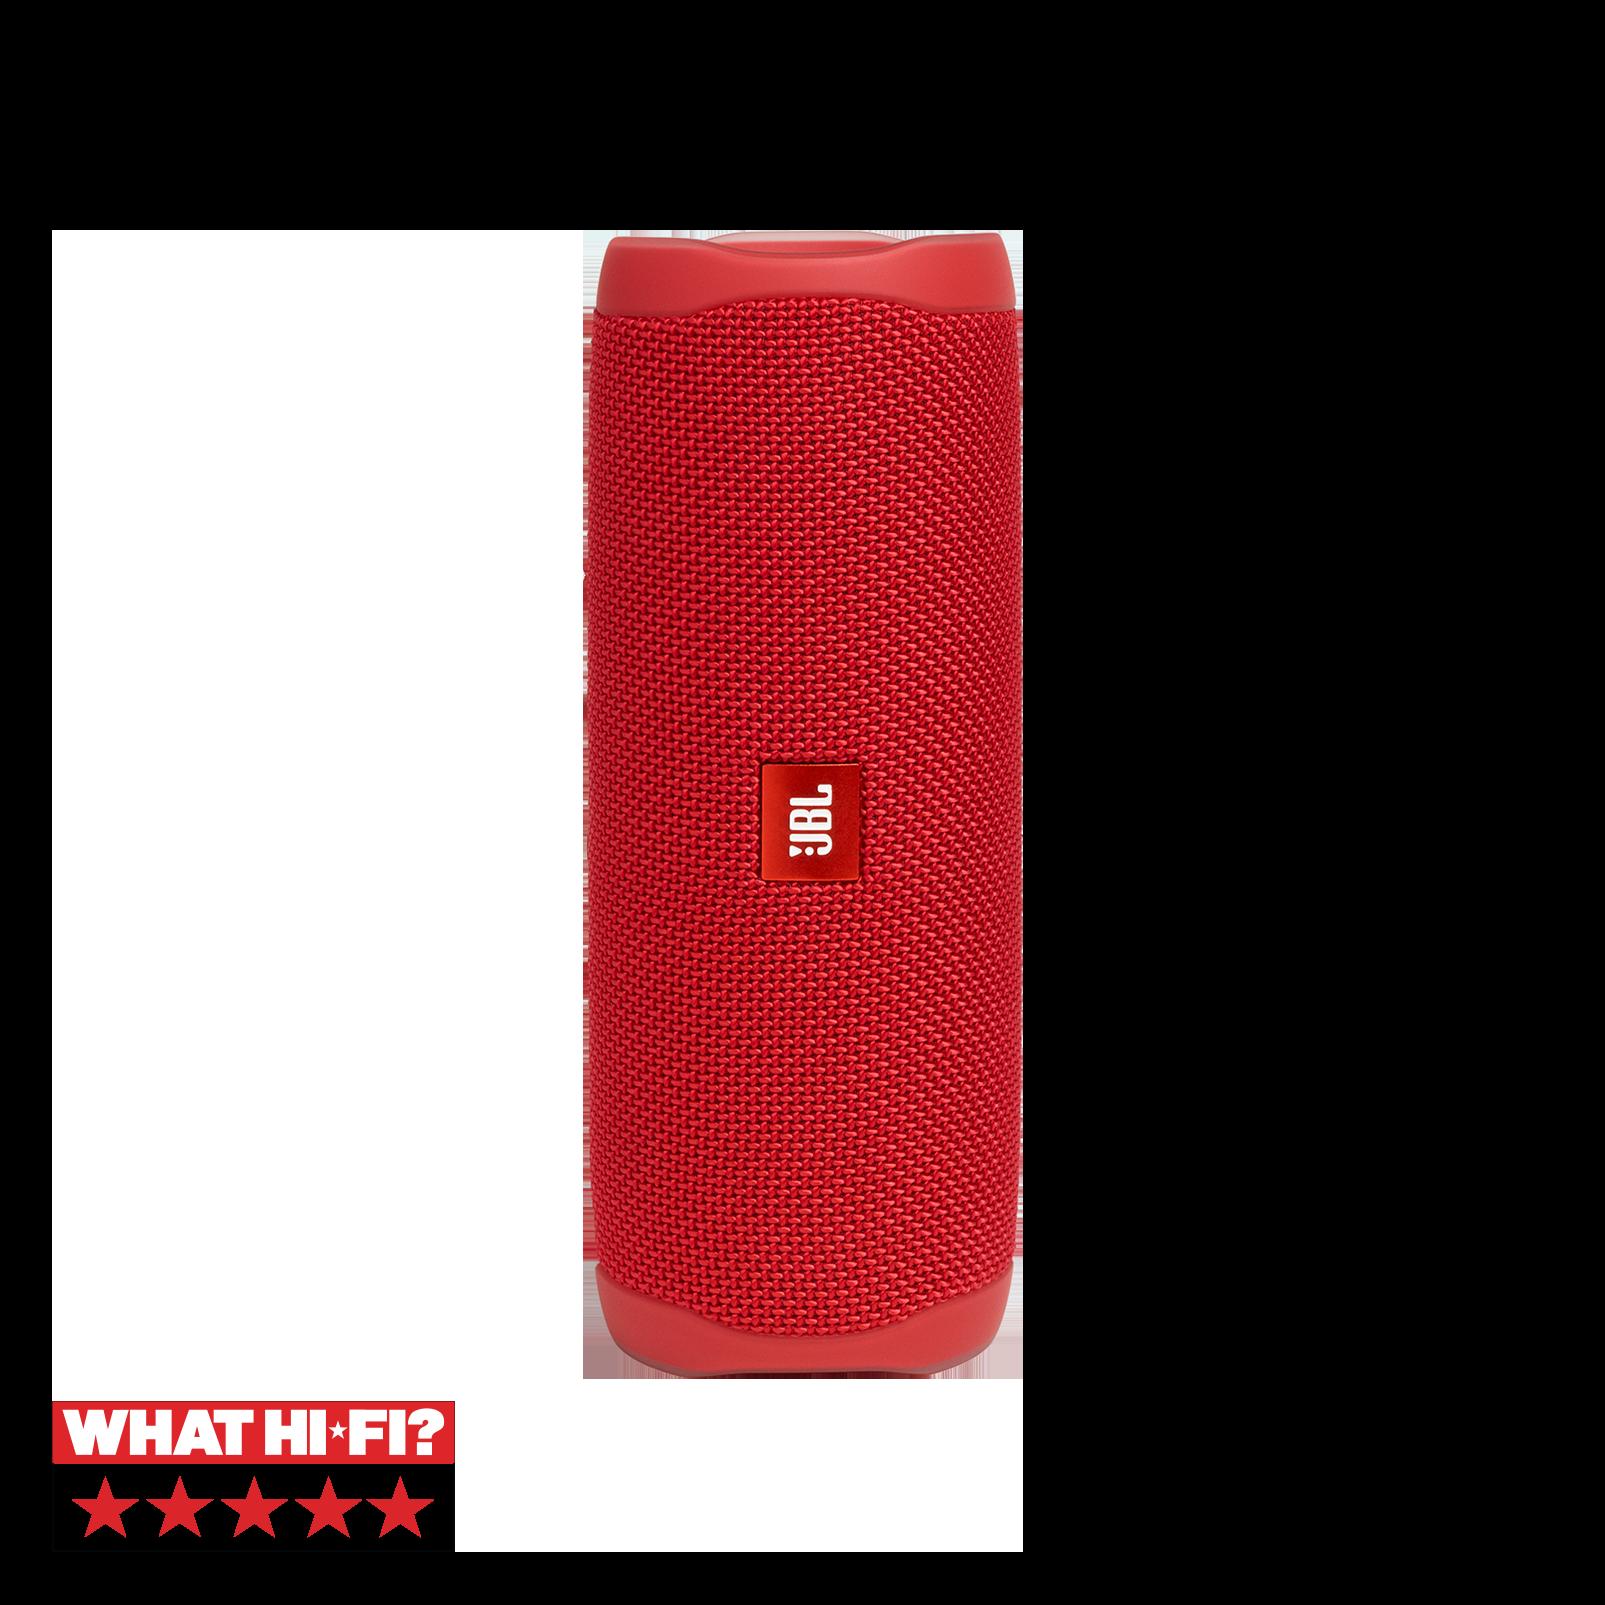 JBL FLIP 5 - Red - Portable Waterproof Speaker - Hero